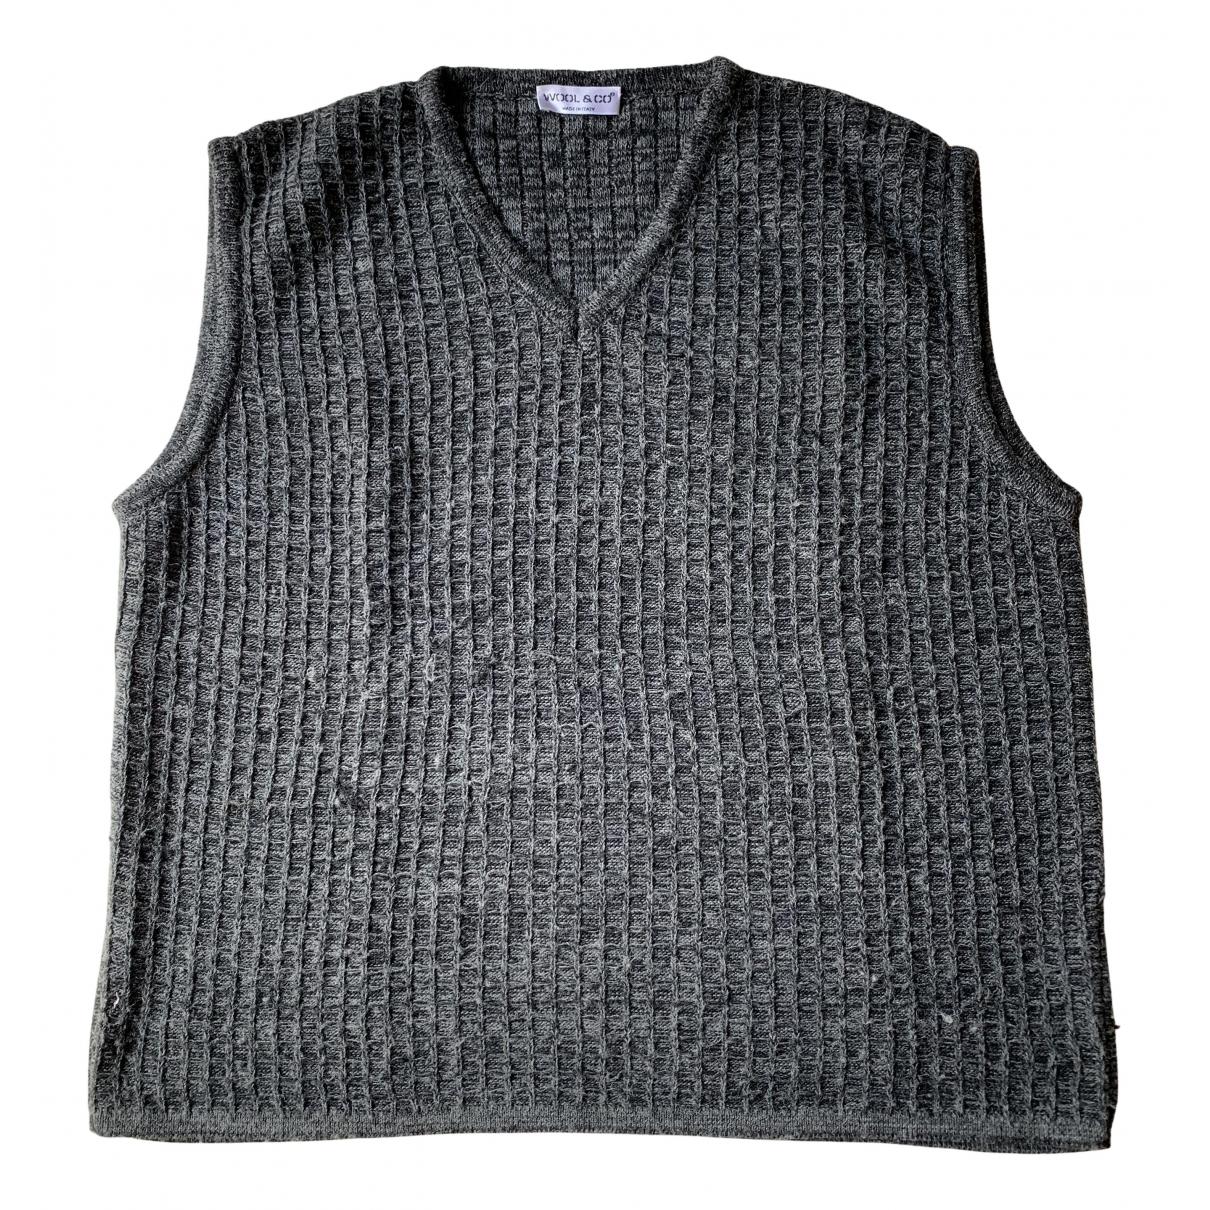 American Vintage \N Pullover.Westen.Sweatshirts  in  Grau Wolle